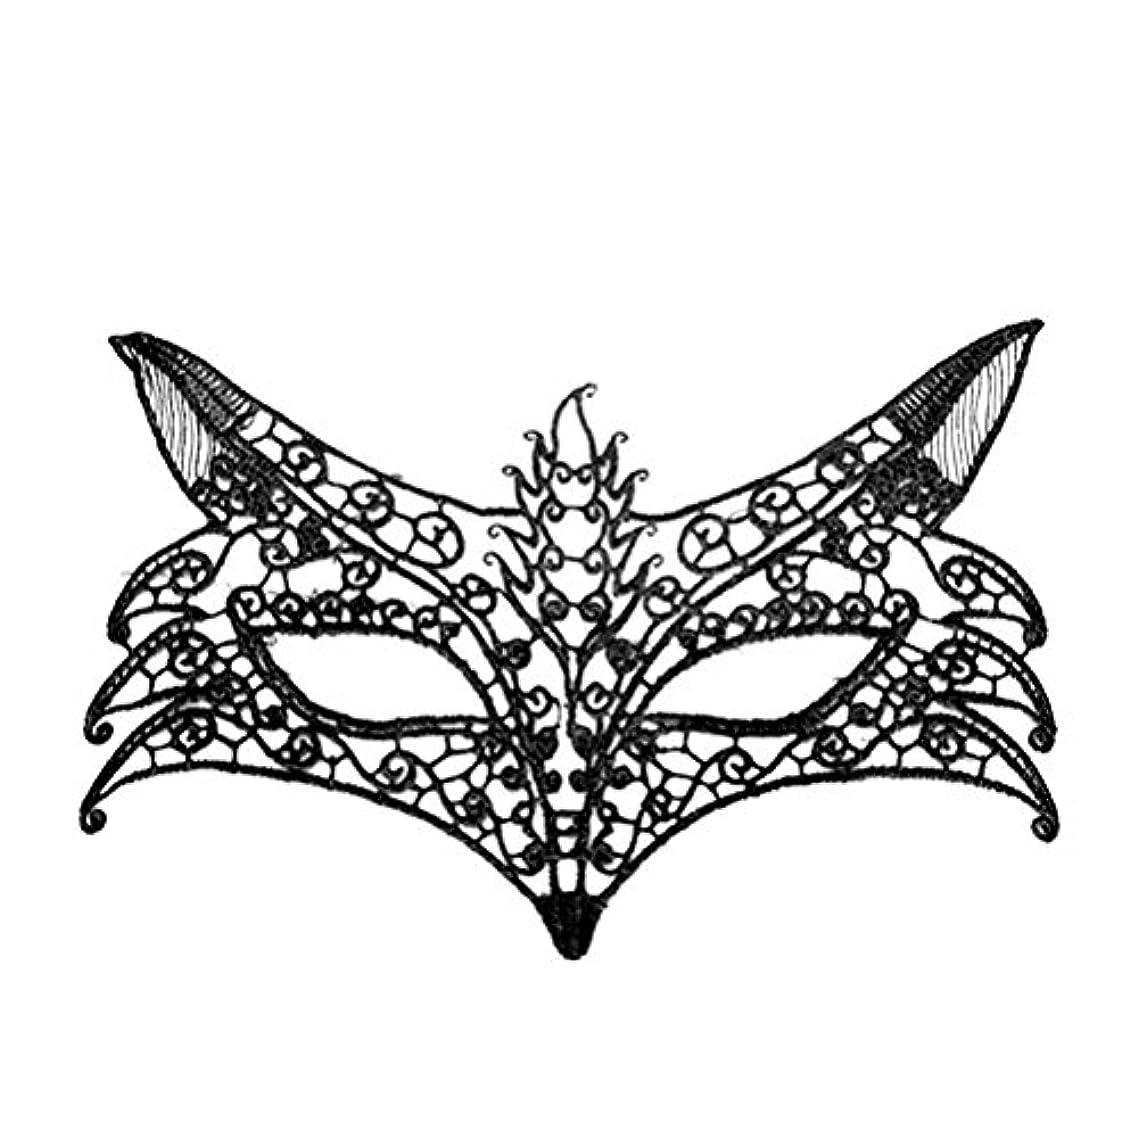 無能夢お金AMOSFUN キツネの形をしたレースパーティーマスクイブニングパーティーウエディングマスカレードマスク(ブラック)